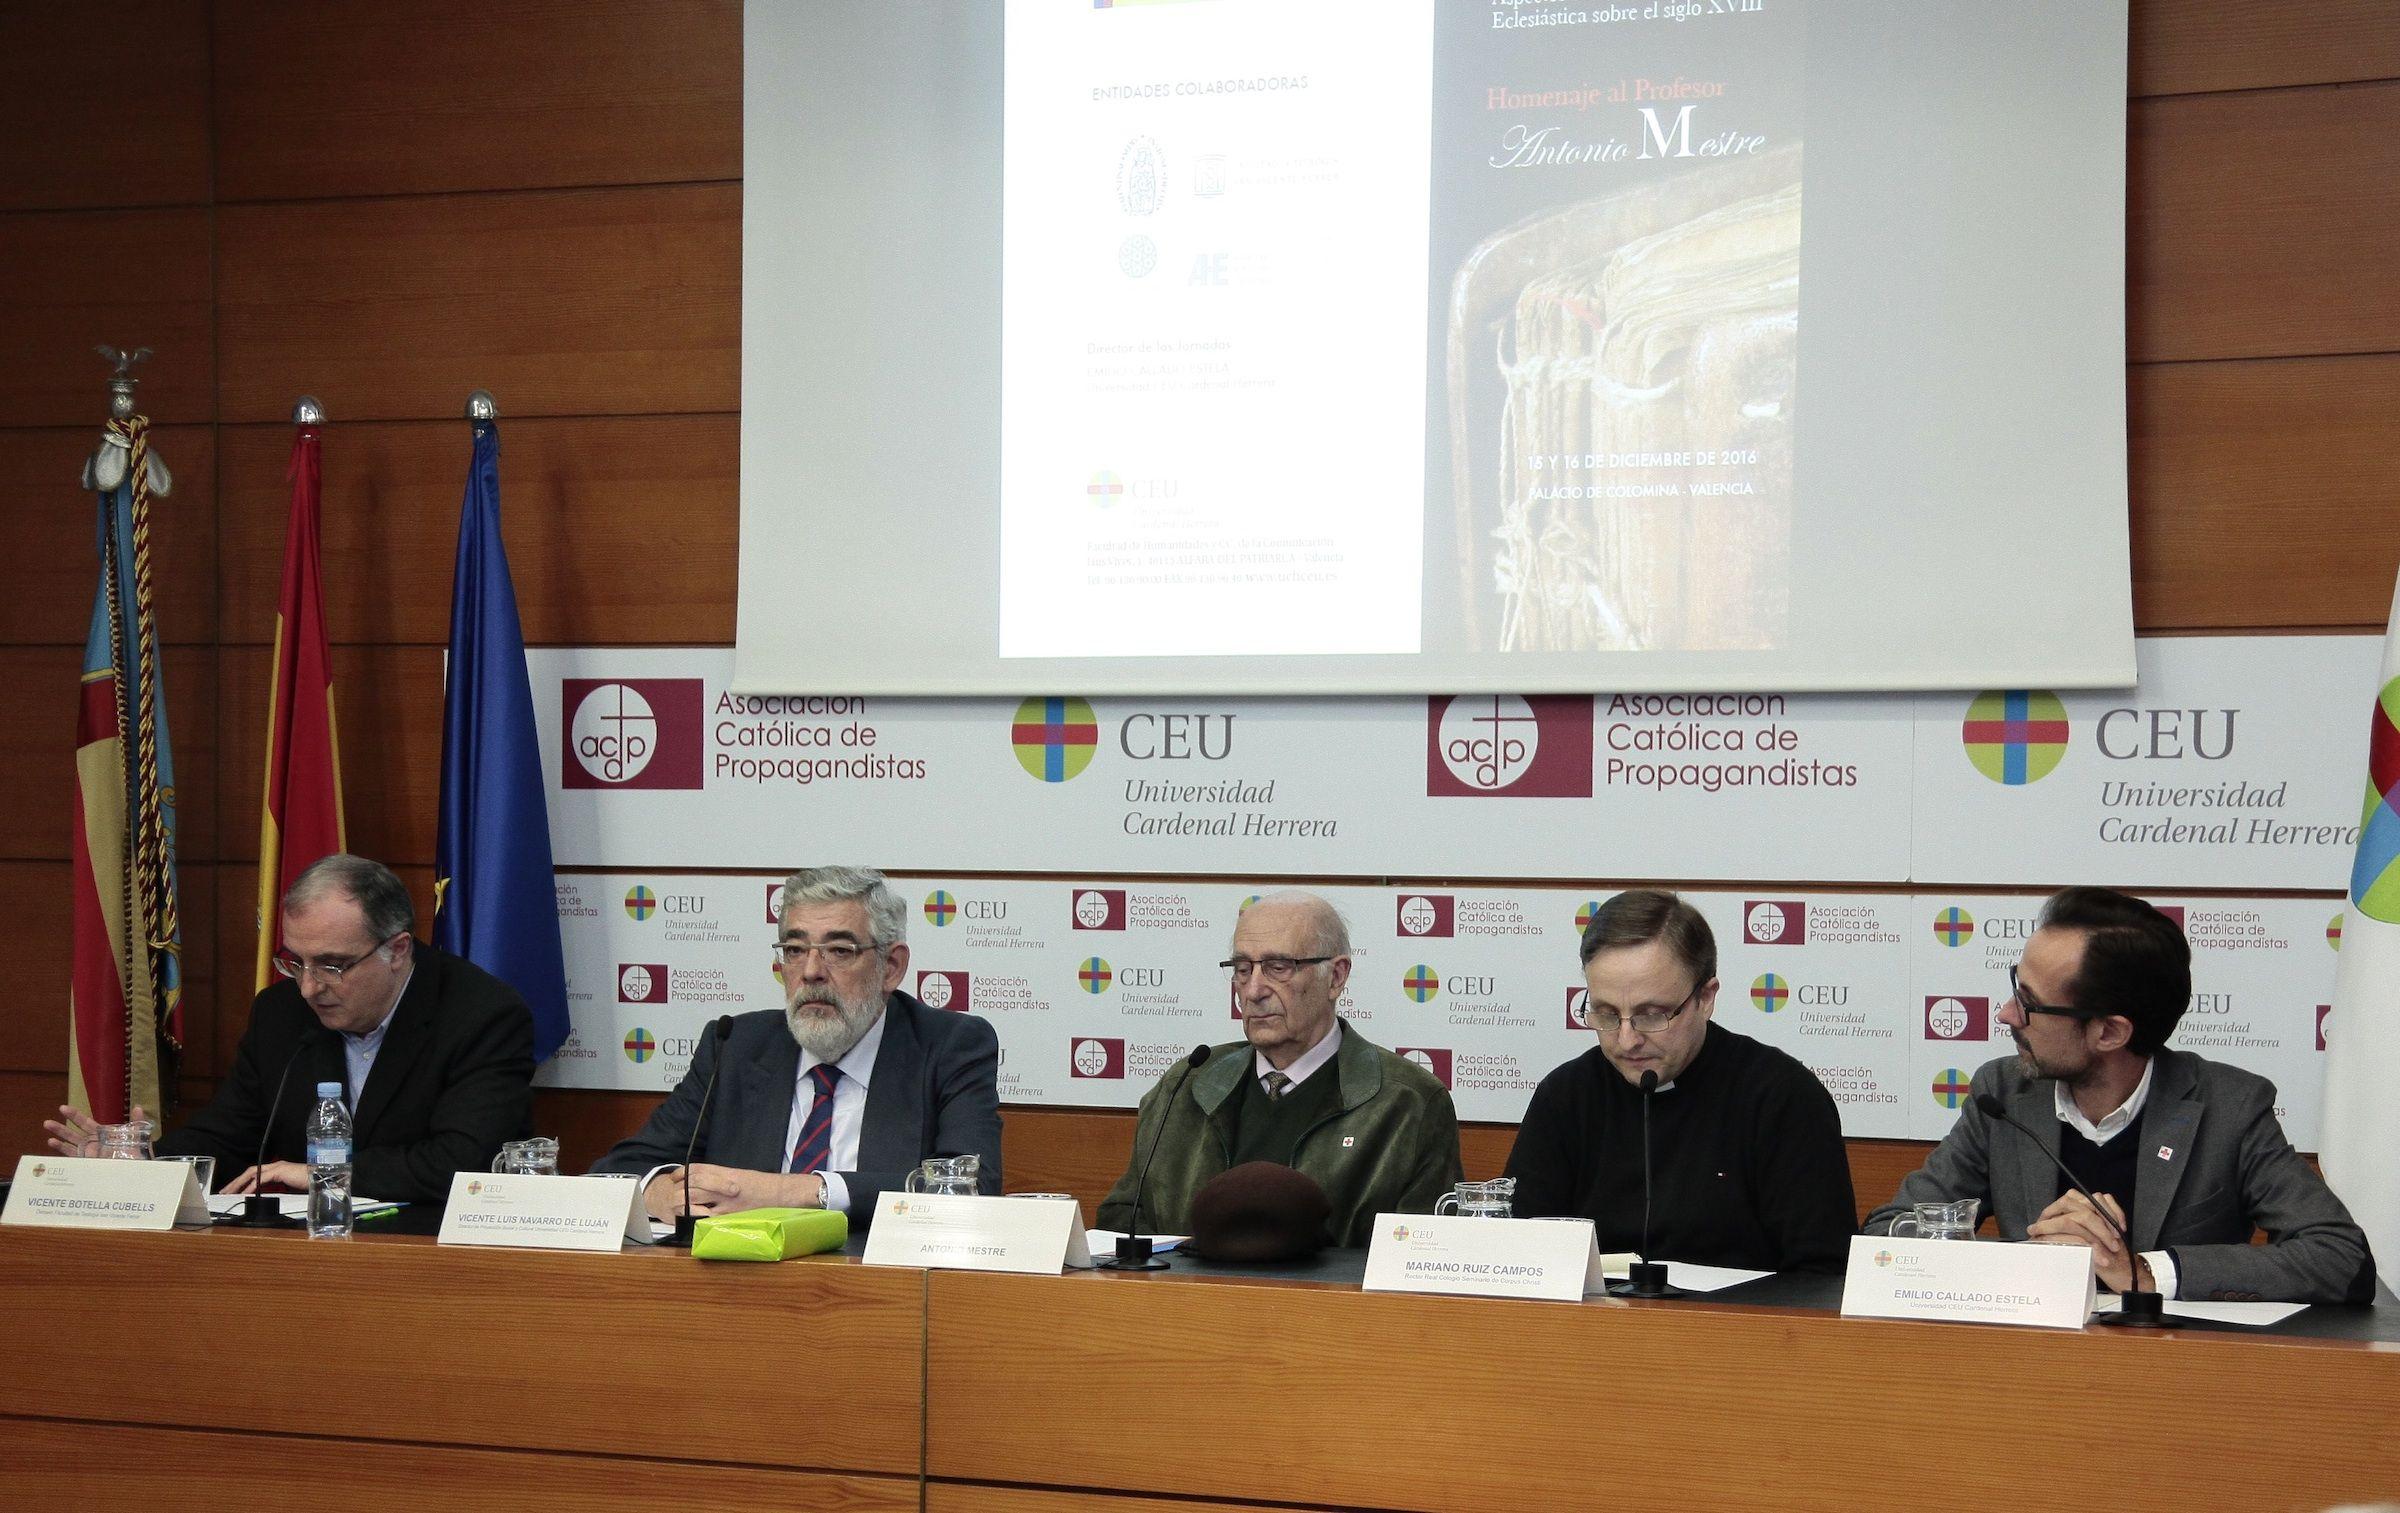 Homenaje a Antonio Mestre, en las Jornadas Res Ecclesiae de la CEU-UCH.